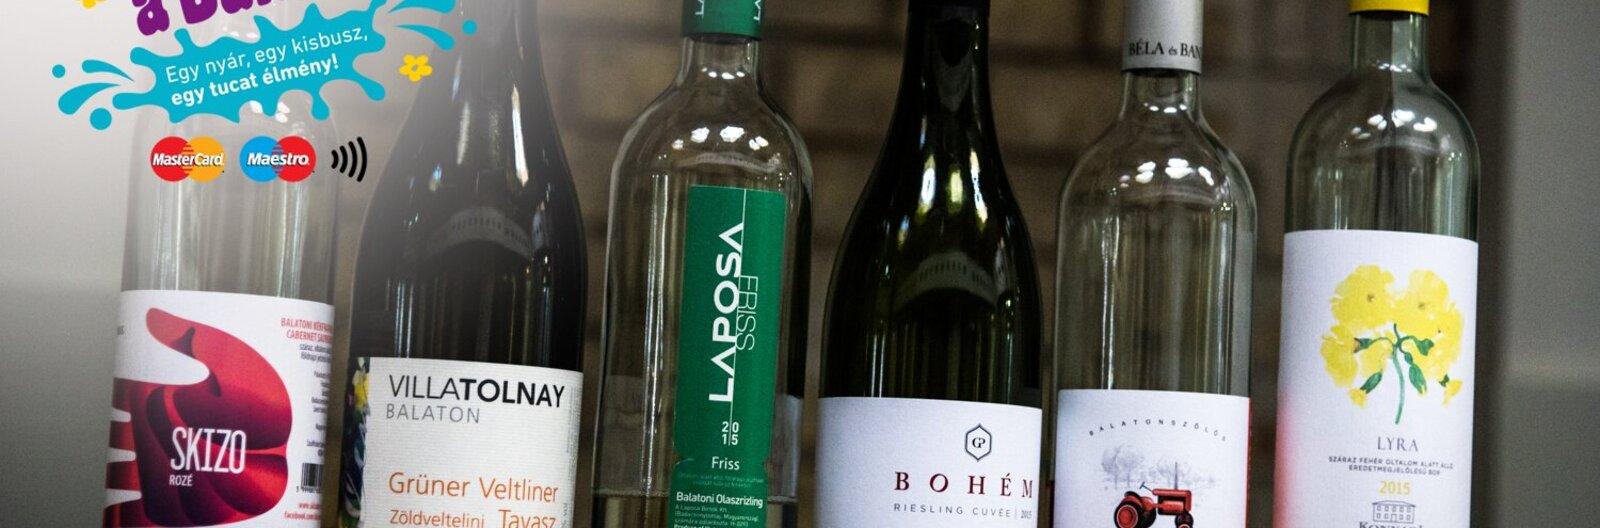 Még a palackból is a tavasz folyik - borteszt